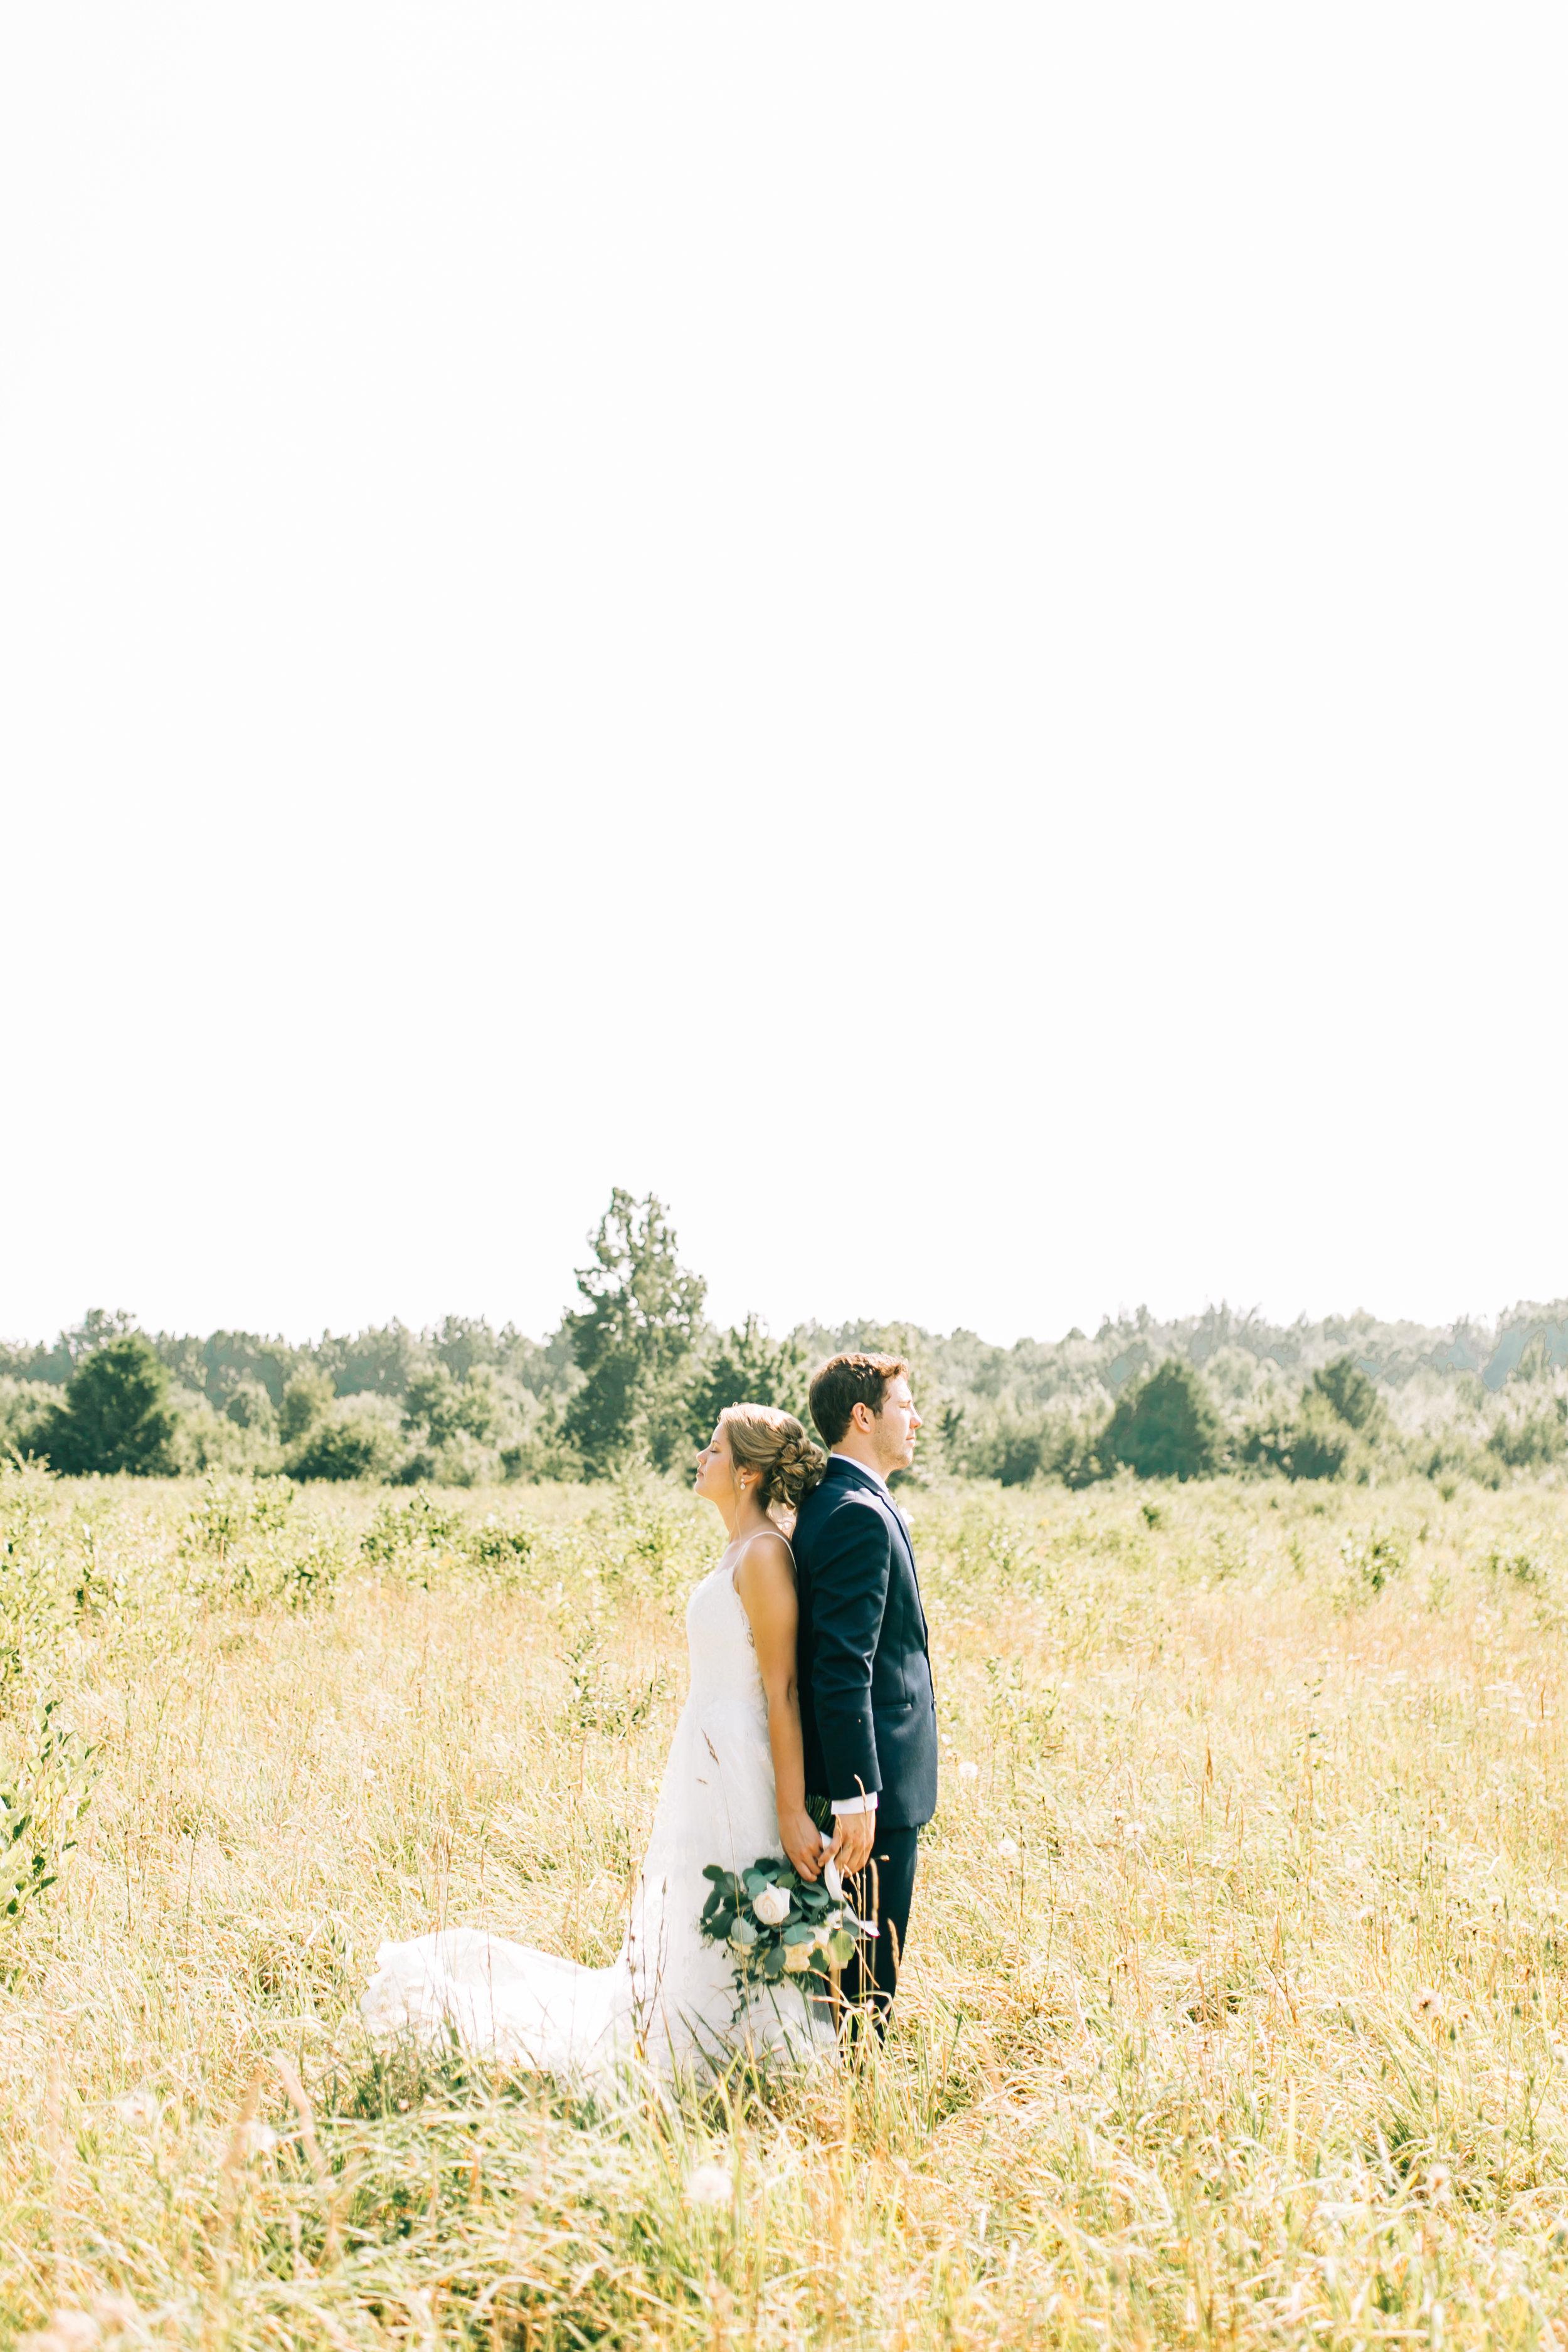 weddingpictures-707.jpg